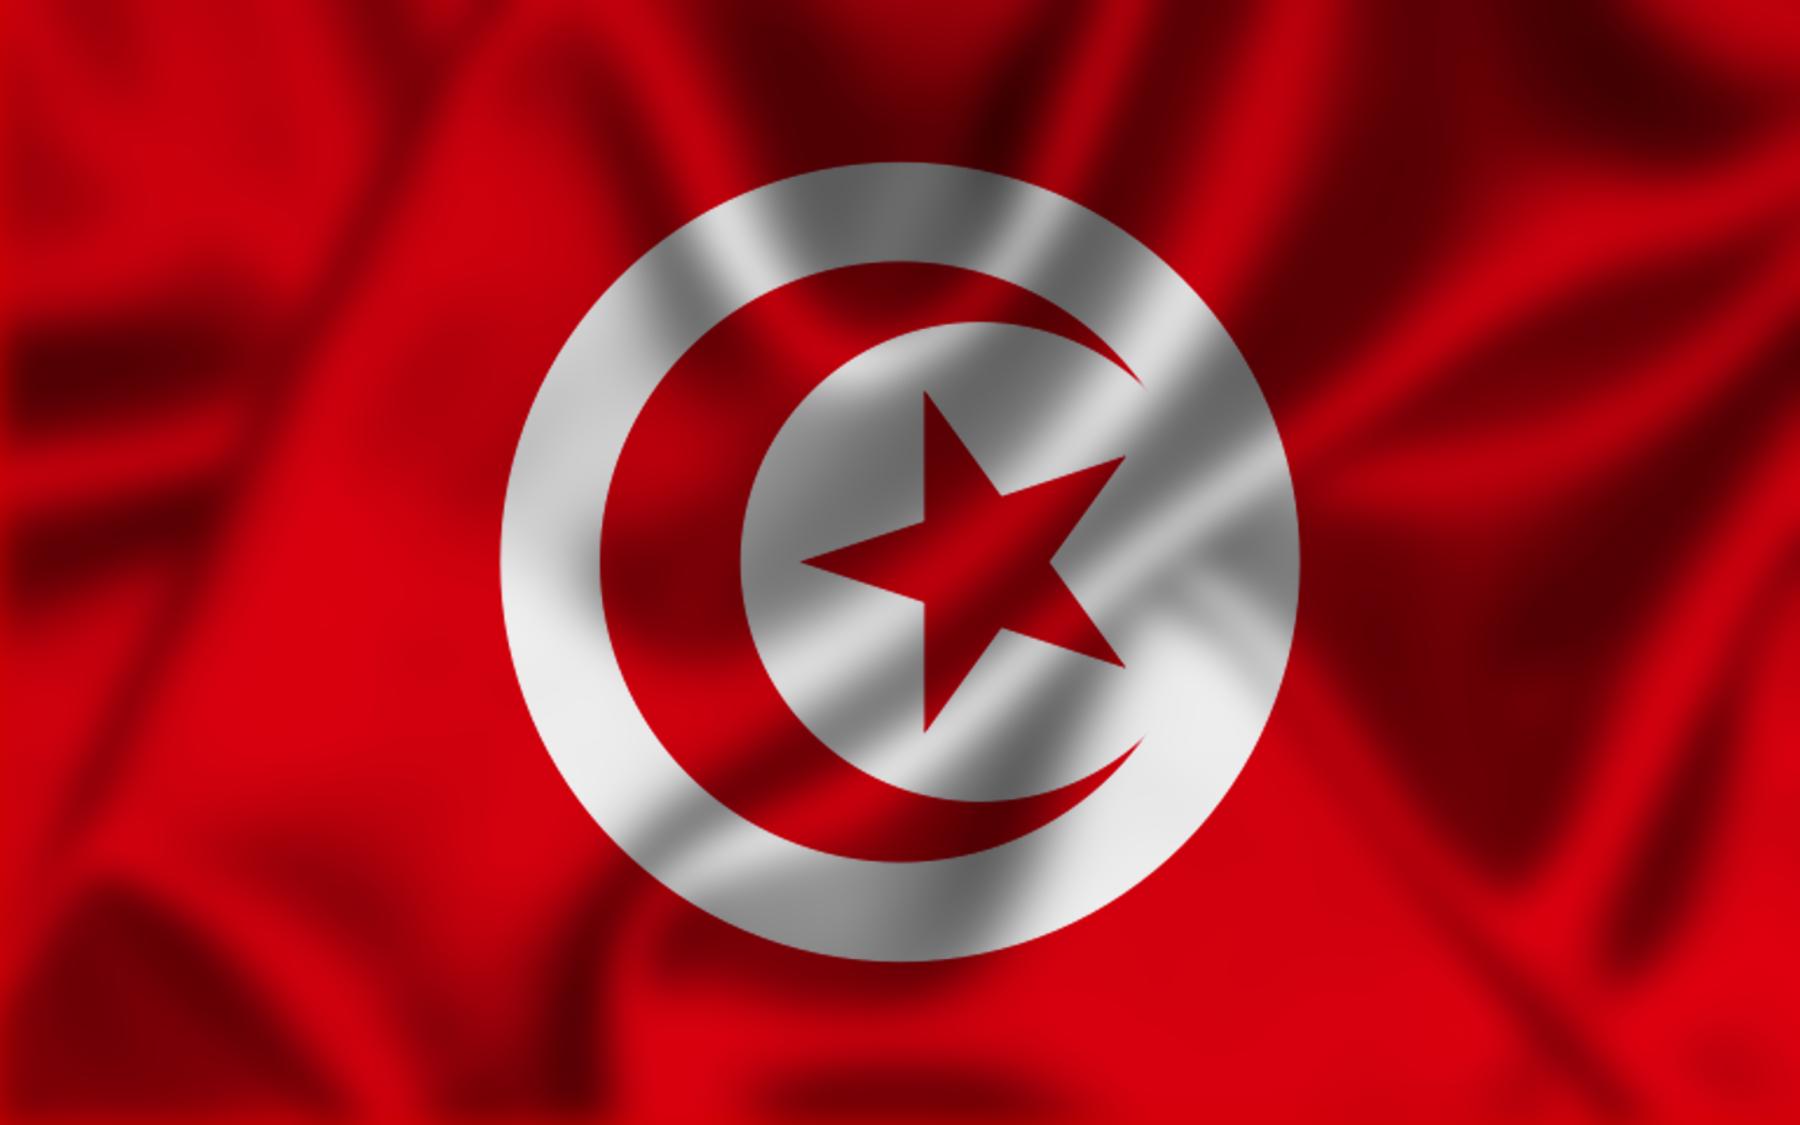 بوابة الإذاعة التونسية | المؤرخ فوزي السّعداوي: التشكيك في استقلال تونس ظاهرة مرضية